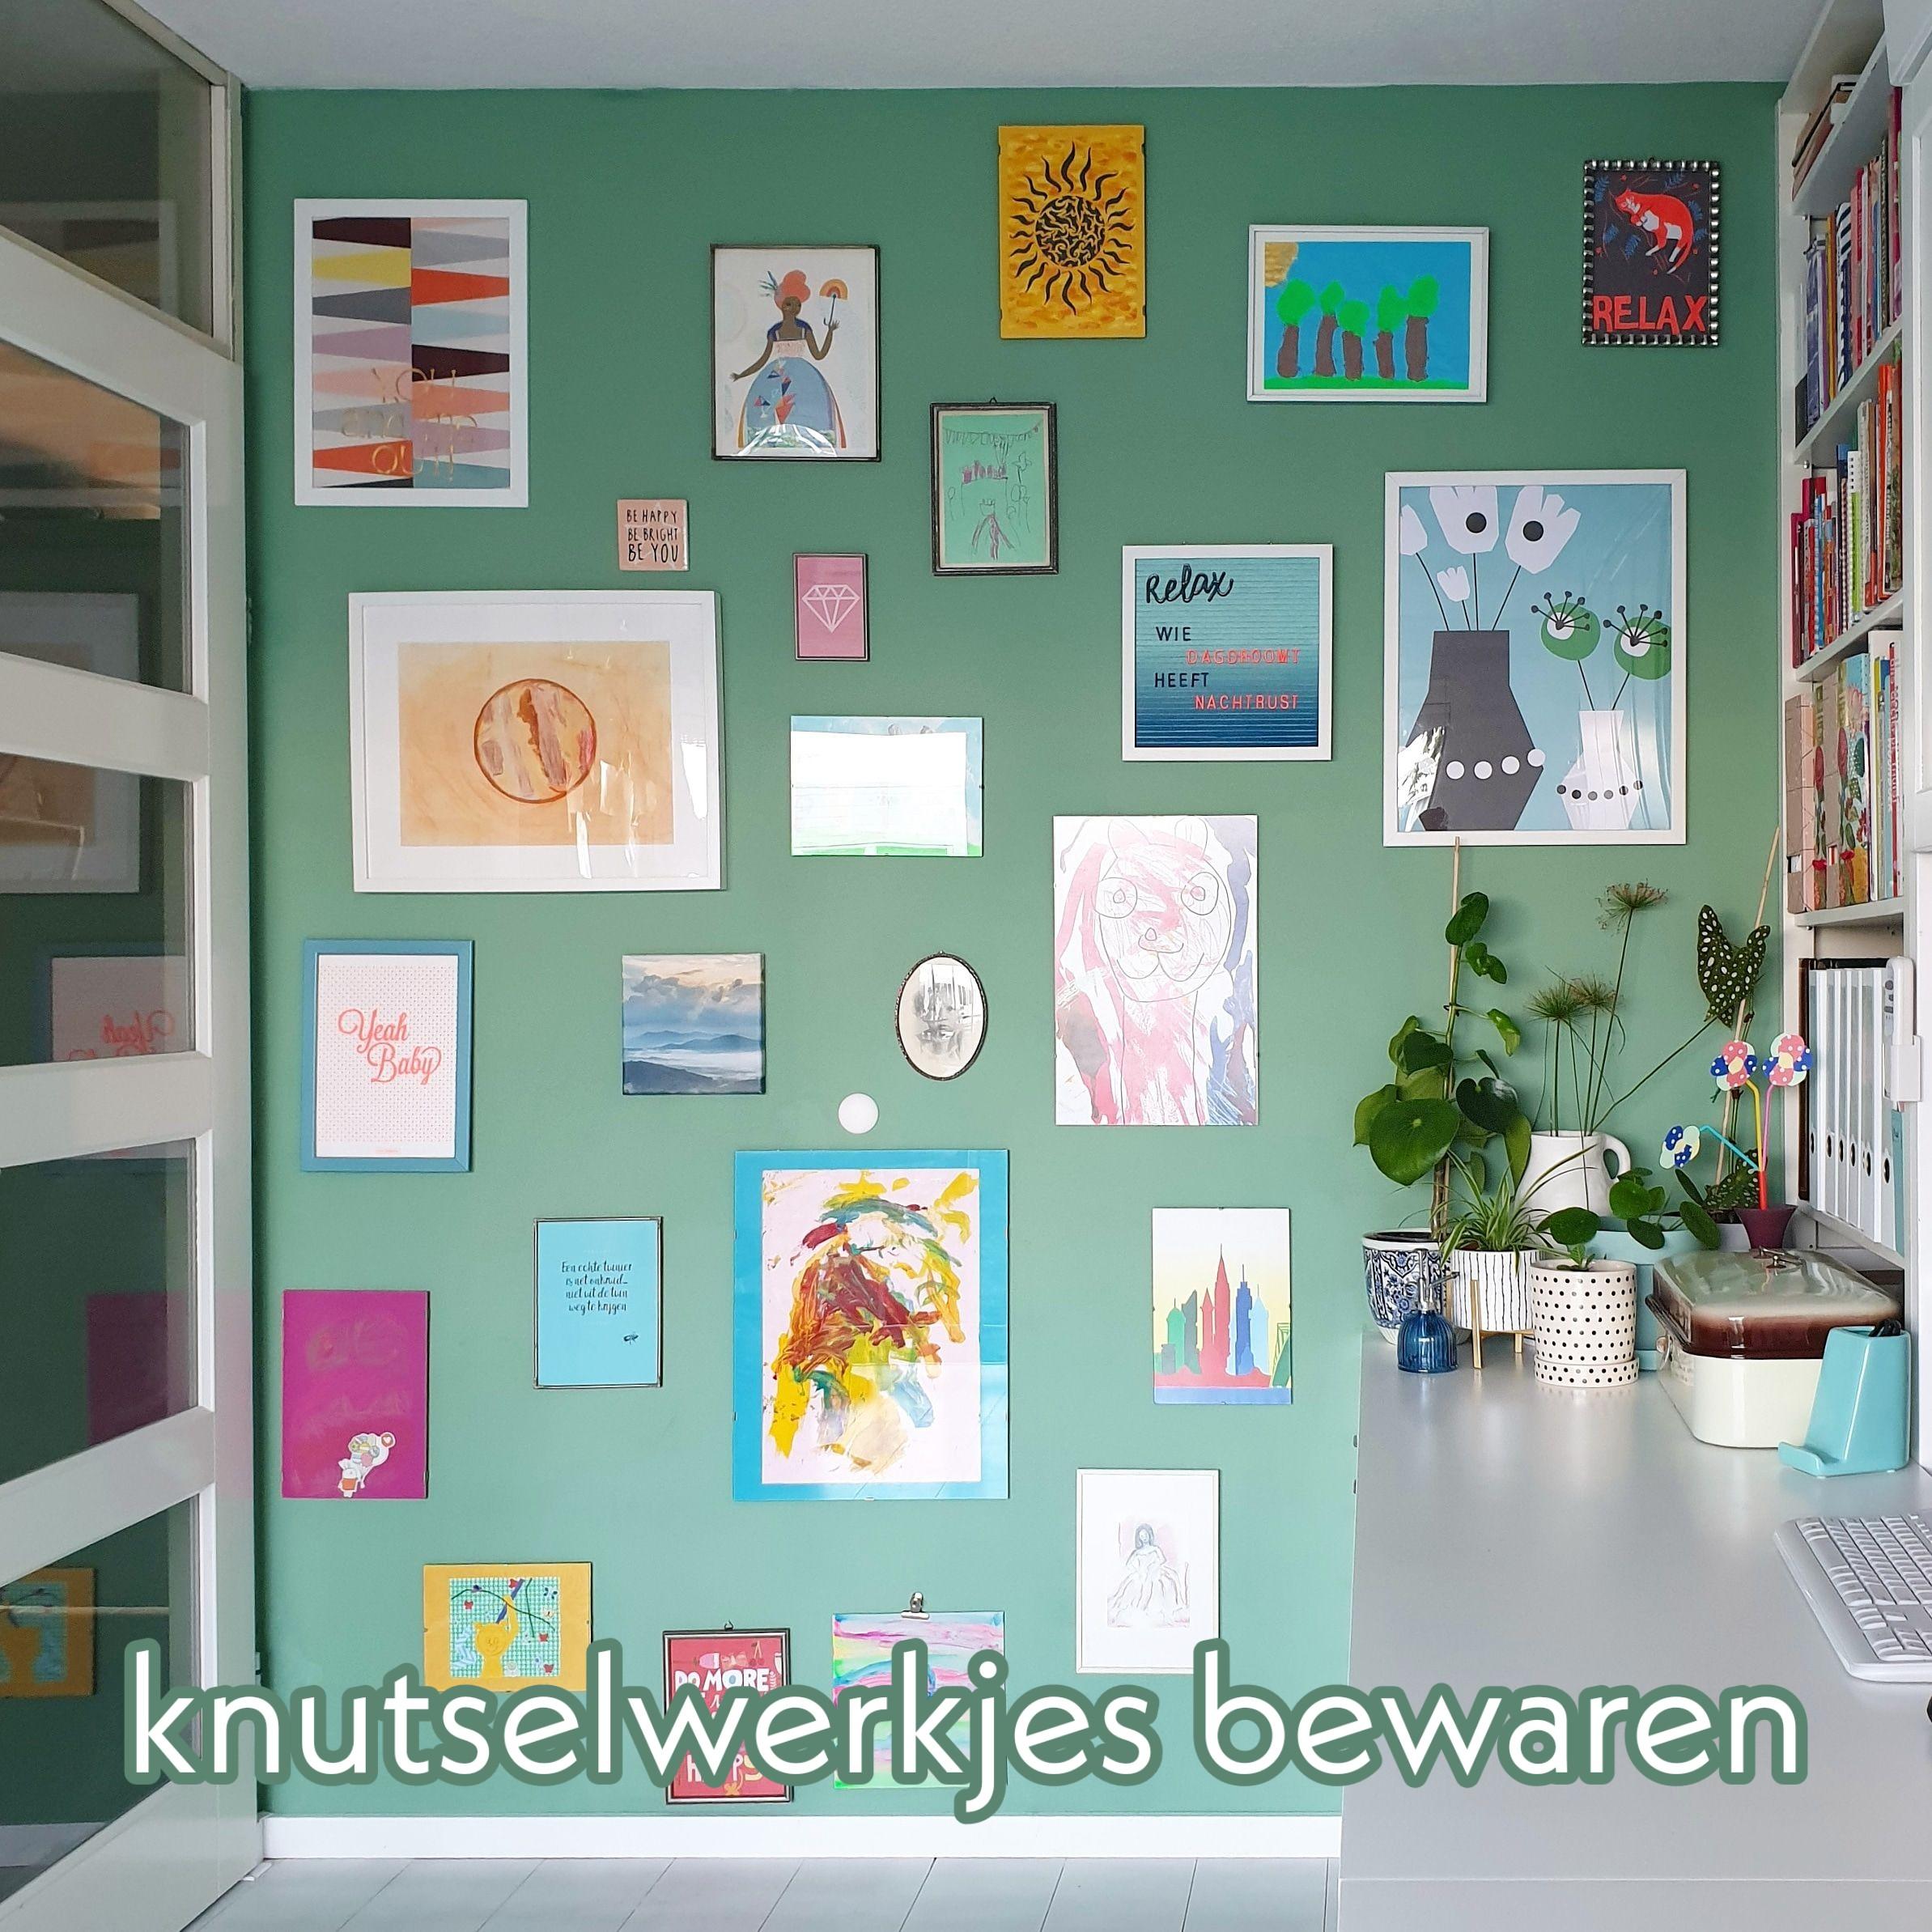 Knutselwerkjes bewaren: kunst aan de muur of in een plakboek